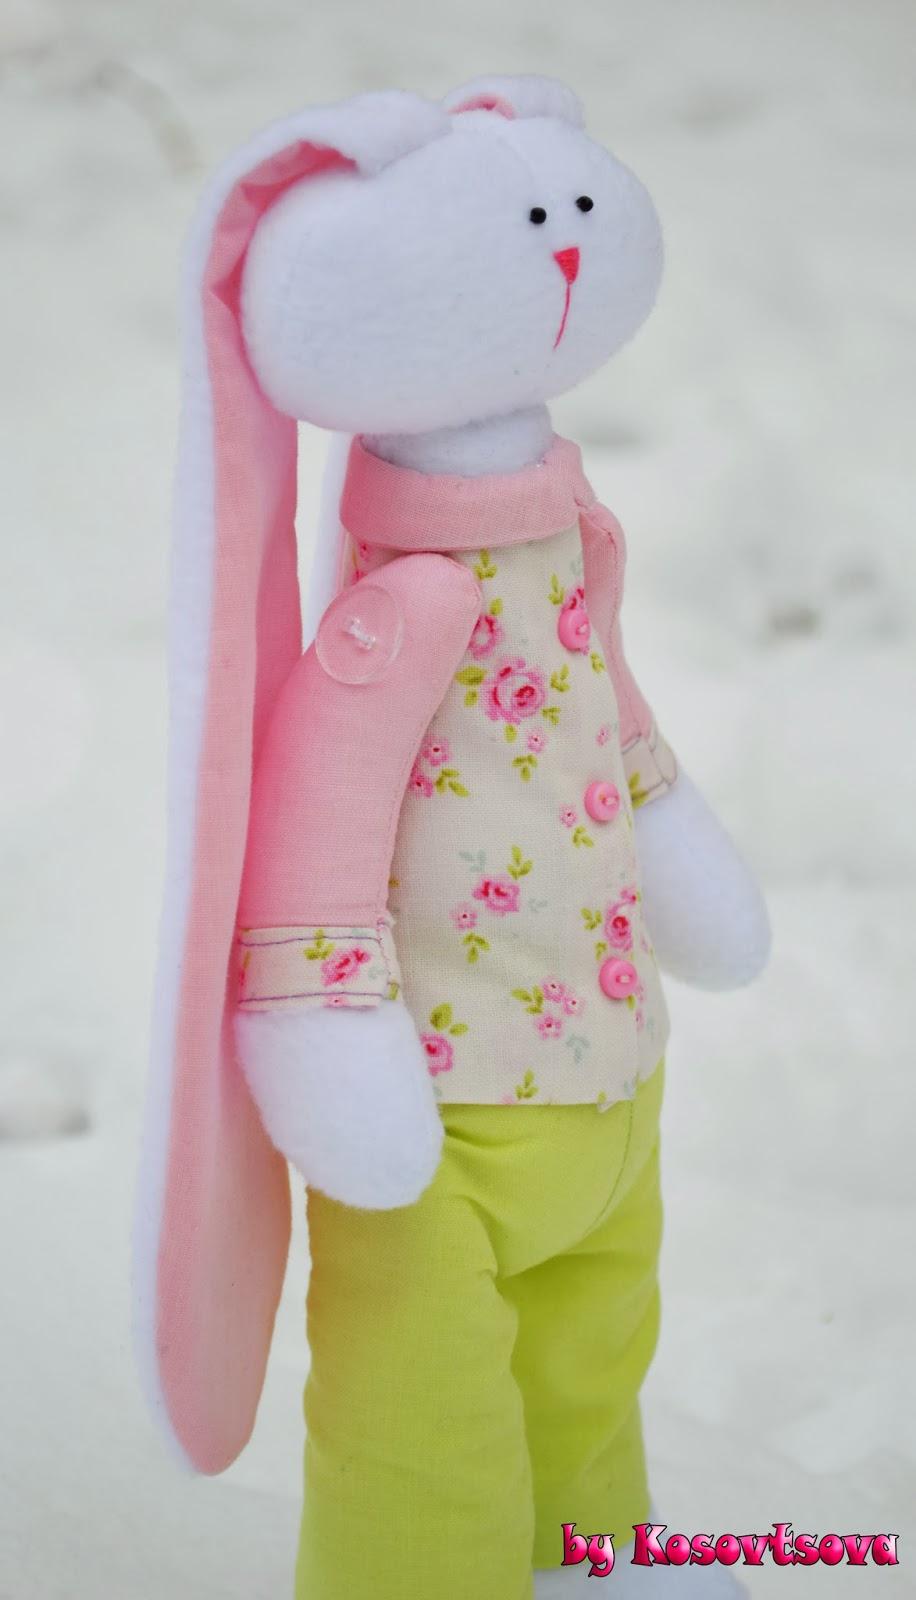 Tilda, ручная работа, игрушки Киев, подарки на день рождения, подарок на свадьбу, подарок для детей, игрушка для ребенка заяц, украинские игрушки для детей.